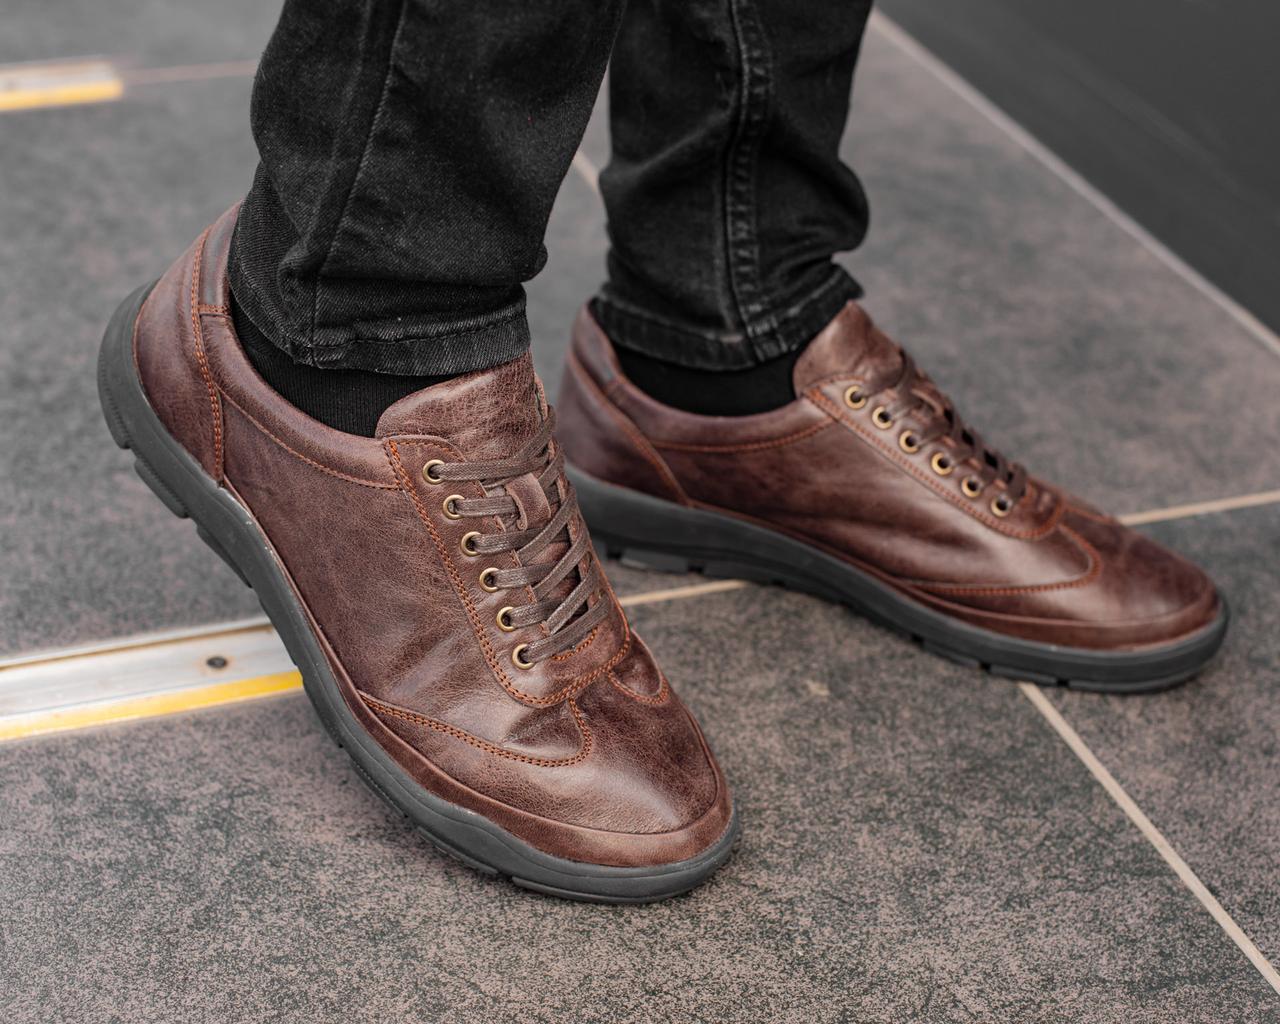 Мужские коричневые кроссовки из натуральной кожи, чоловічі коричневі кросівки з натуральної шкіри